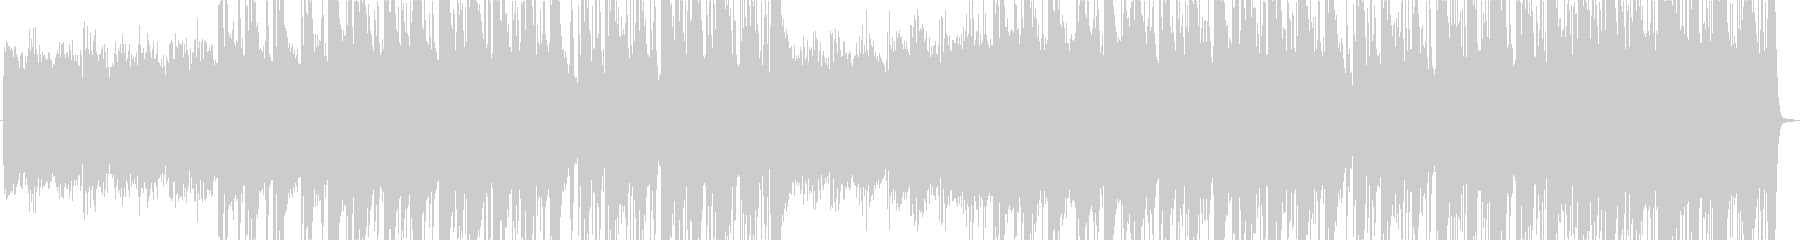 幻想的ファンタジーBGMの未再生の波形